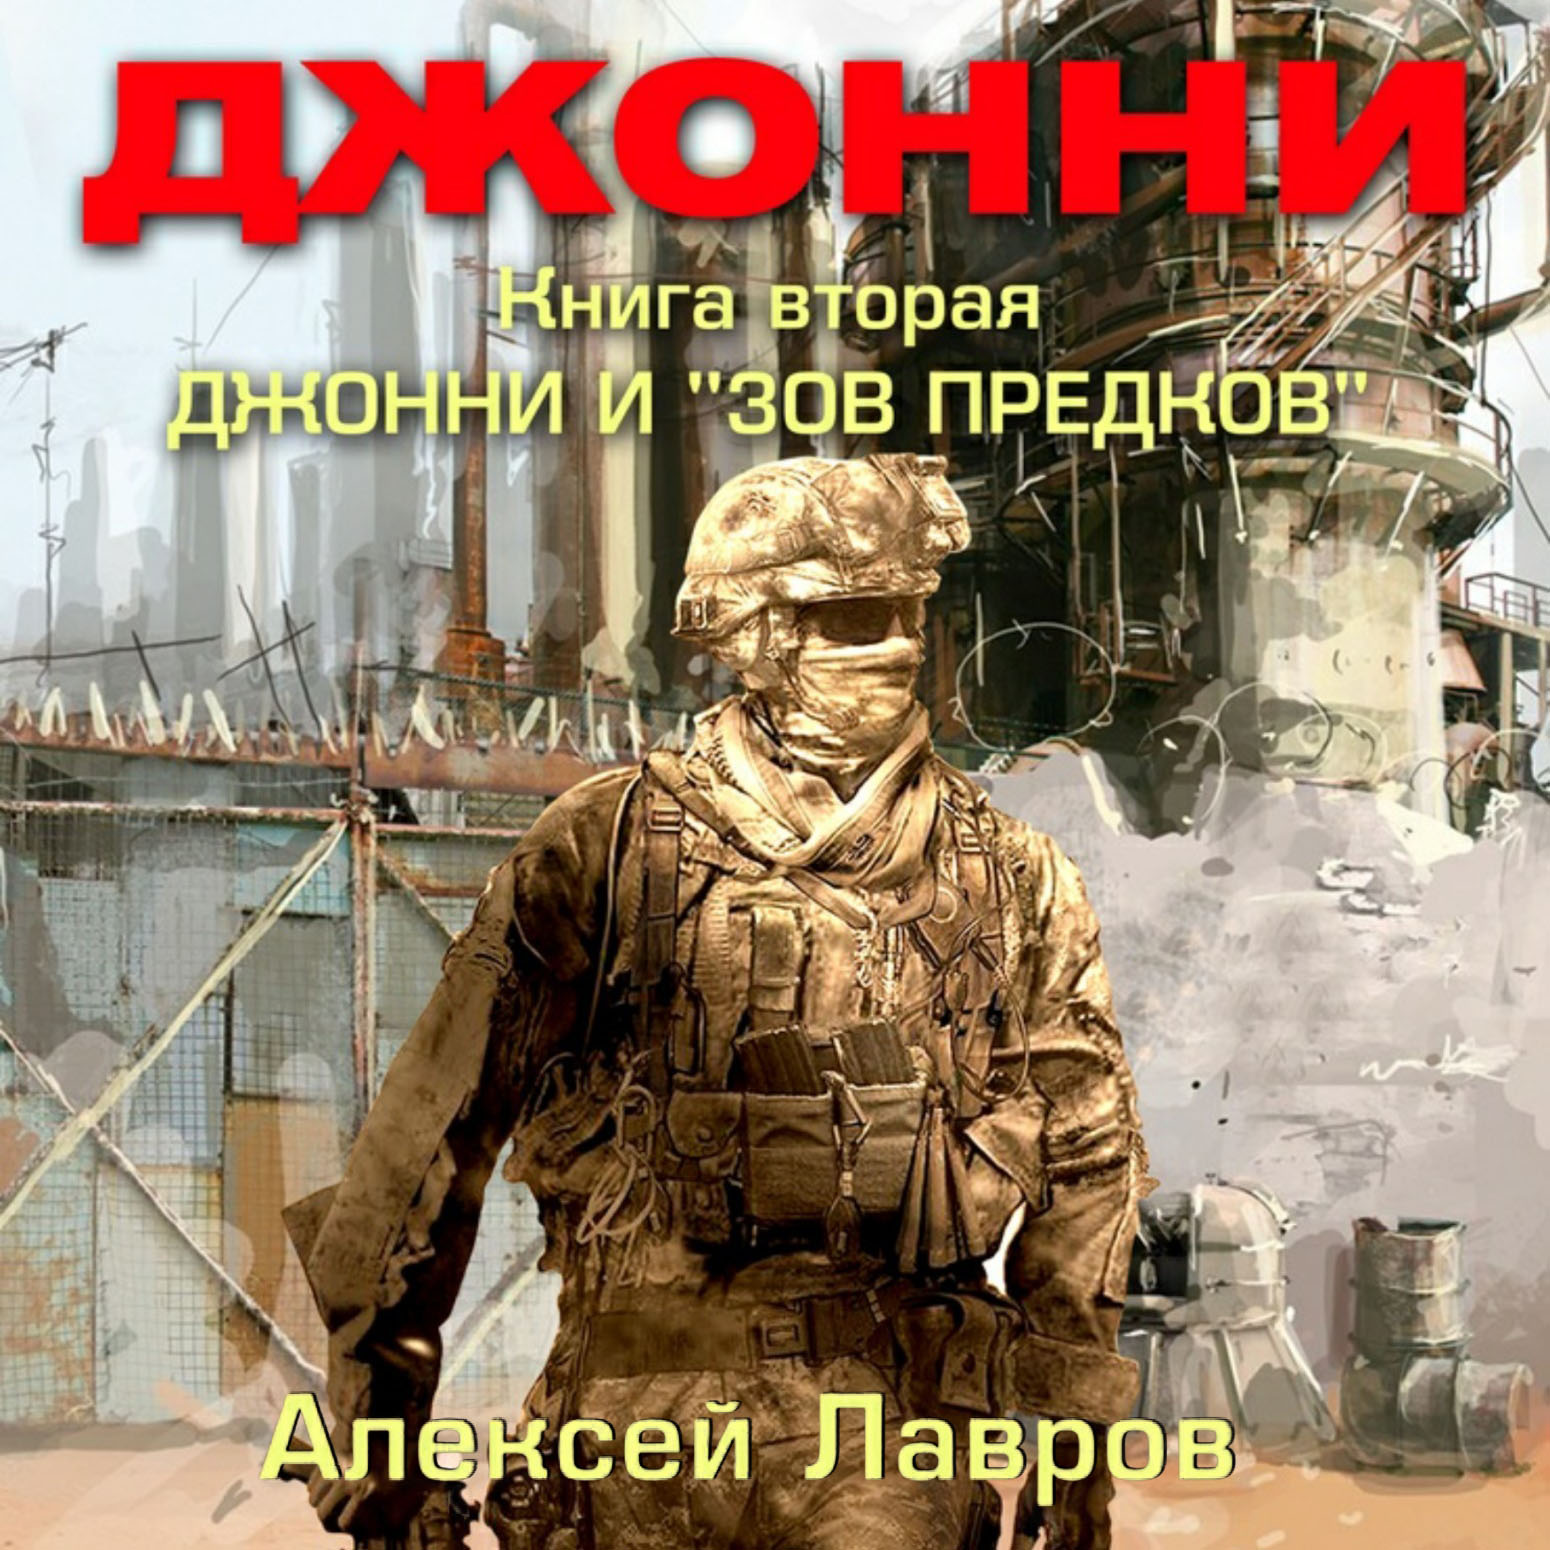 Алексей Лавров Джонни и «Зов предков»